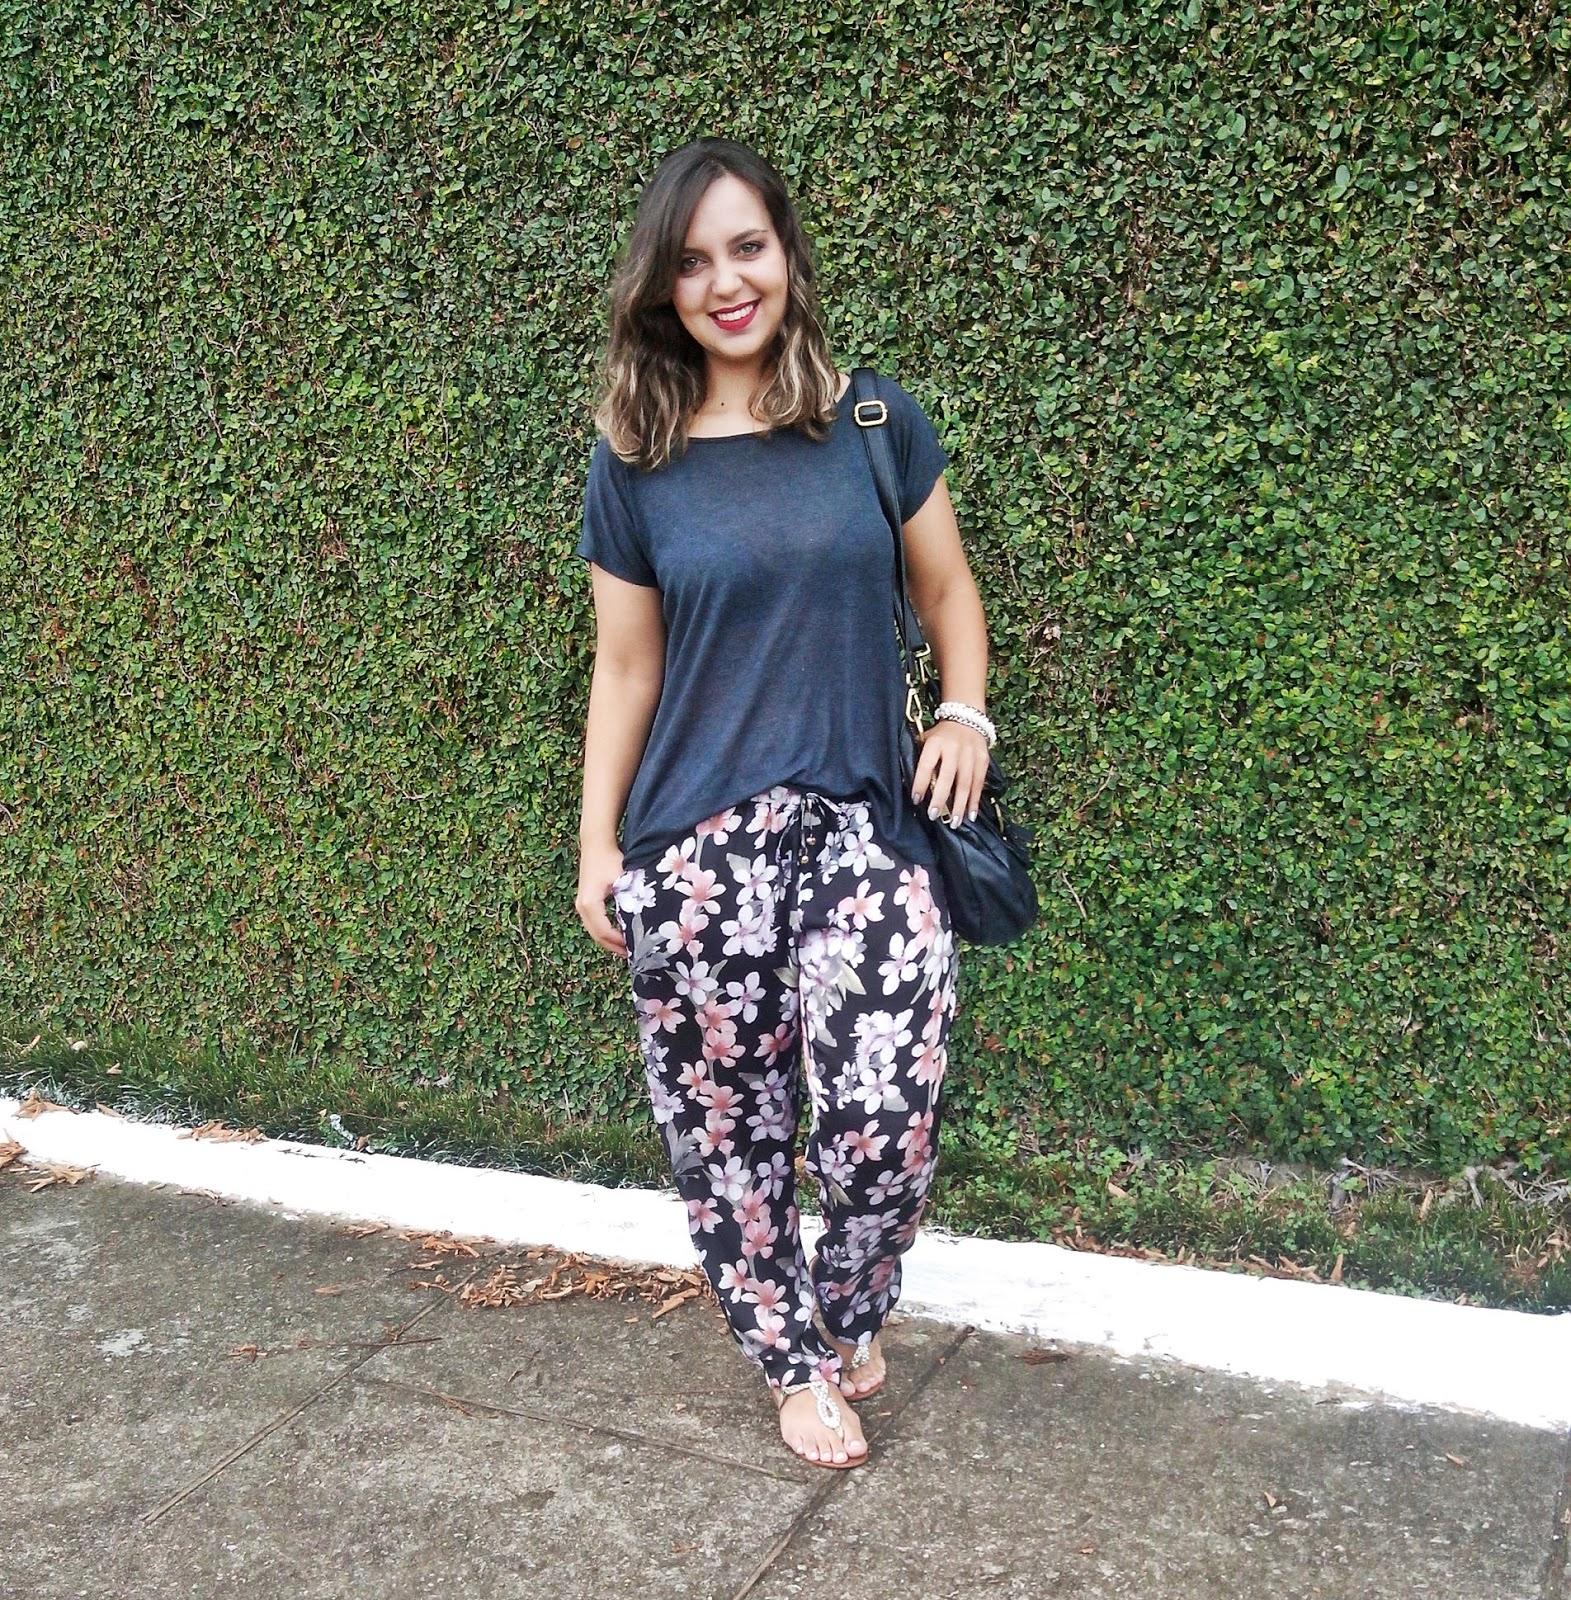 Calça Pijama é uma peça que se torno um clássico no guarda-roupa feminino